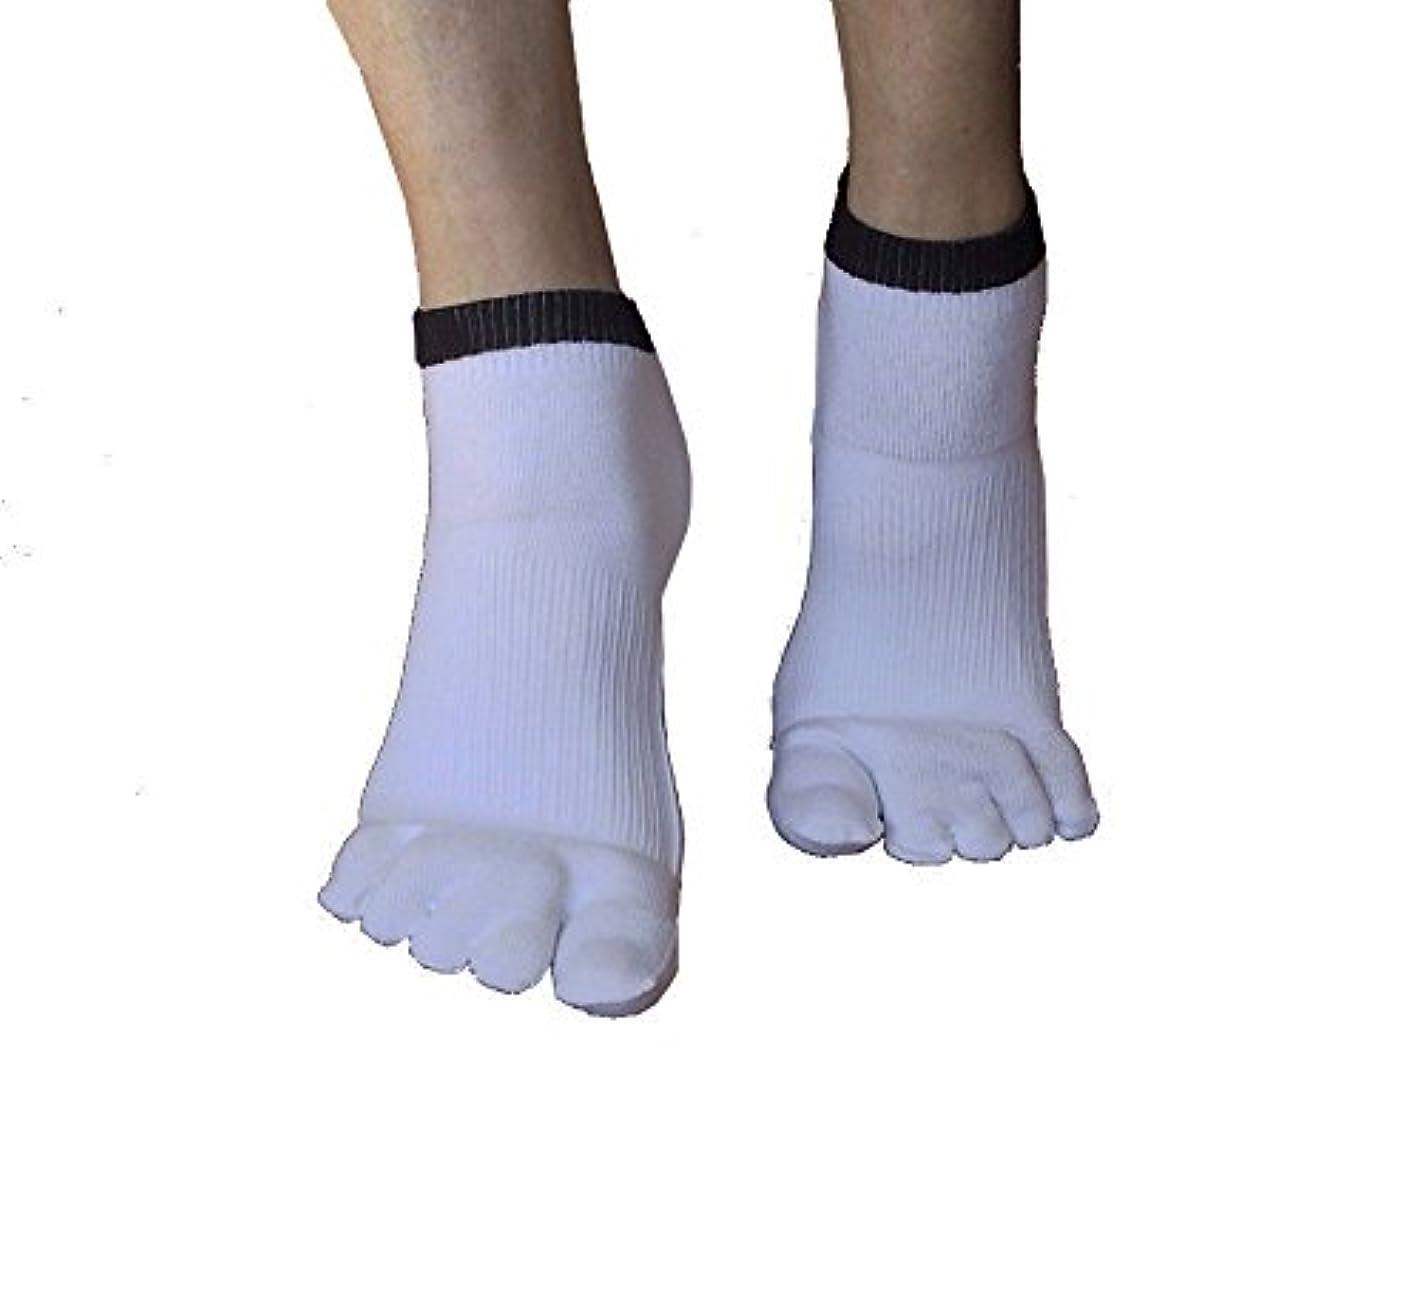 保守可能無関心社交的外反母趾対策 ふしぎな5本指テーピング靴下 スニーカータイプ 22-24cm?ホワイト(色は2色、サイズは3サイズ)